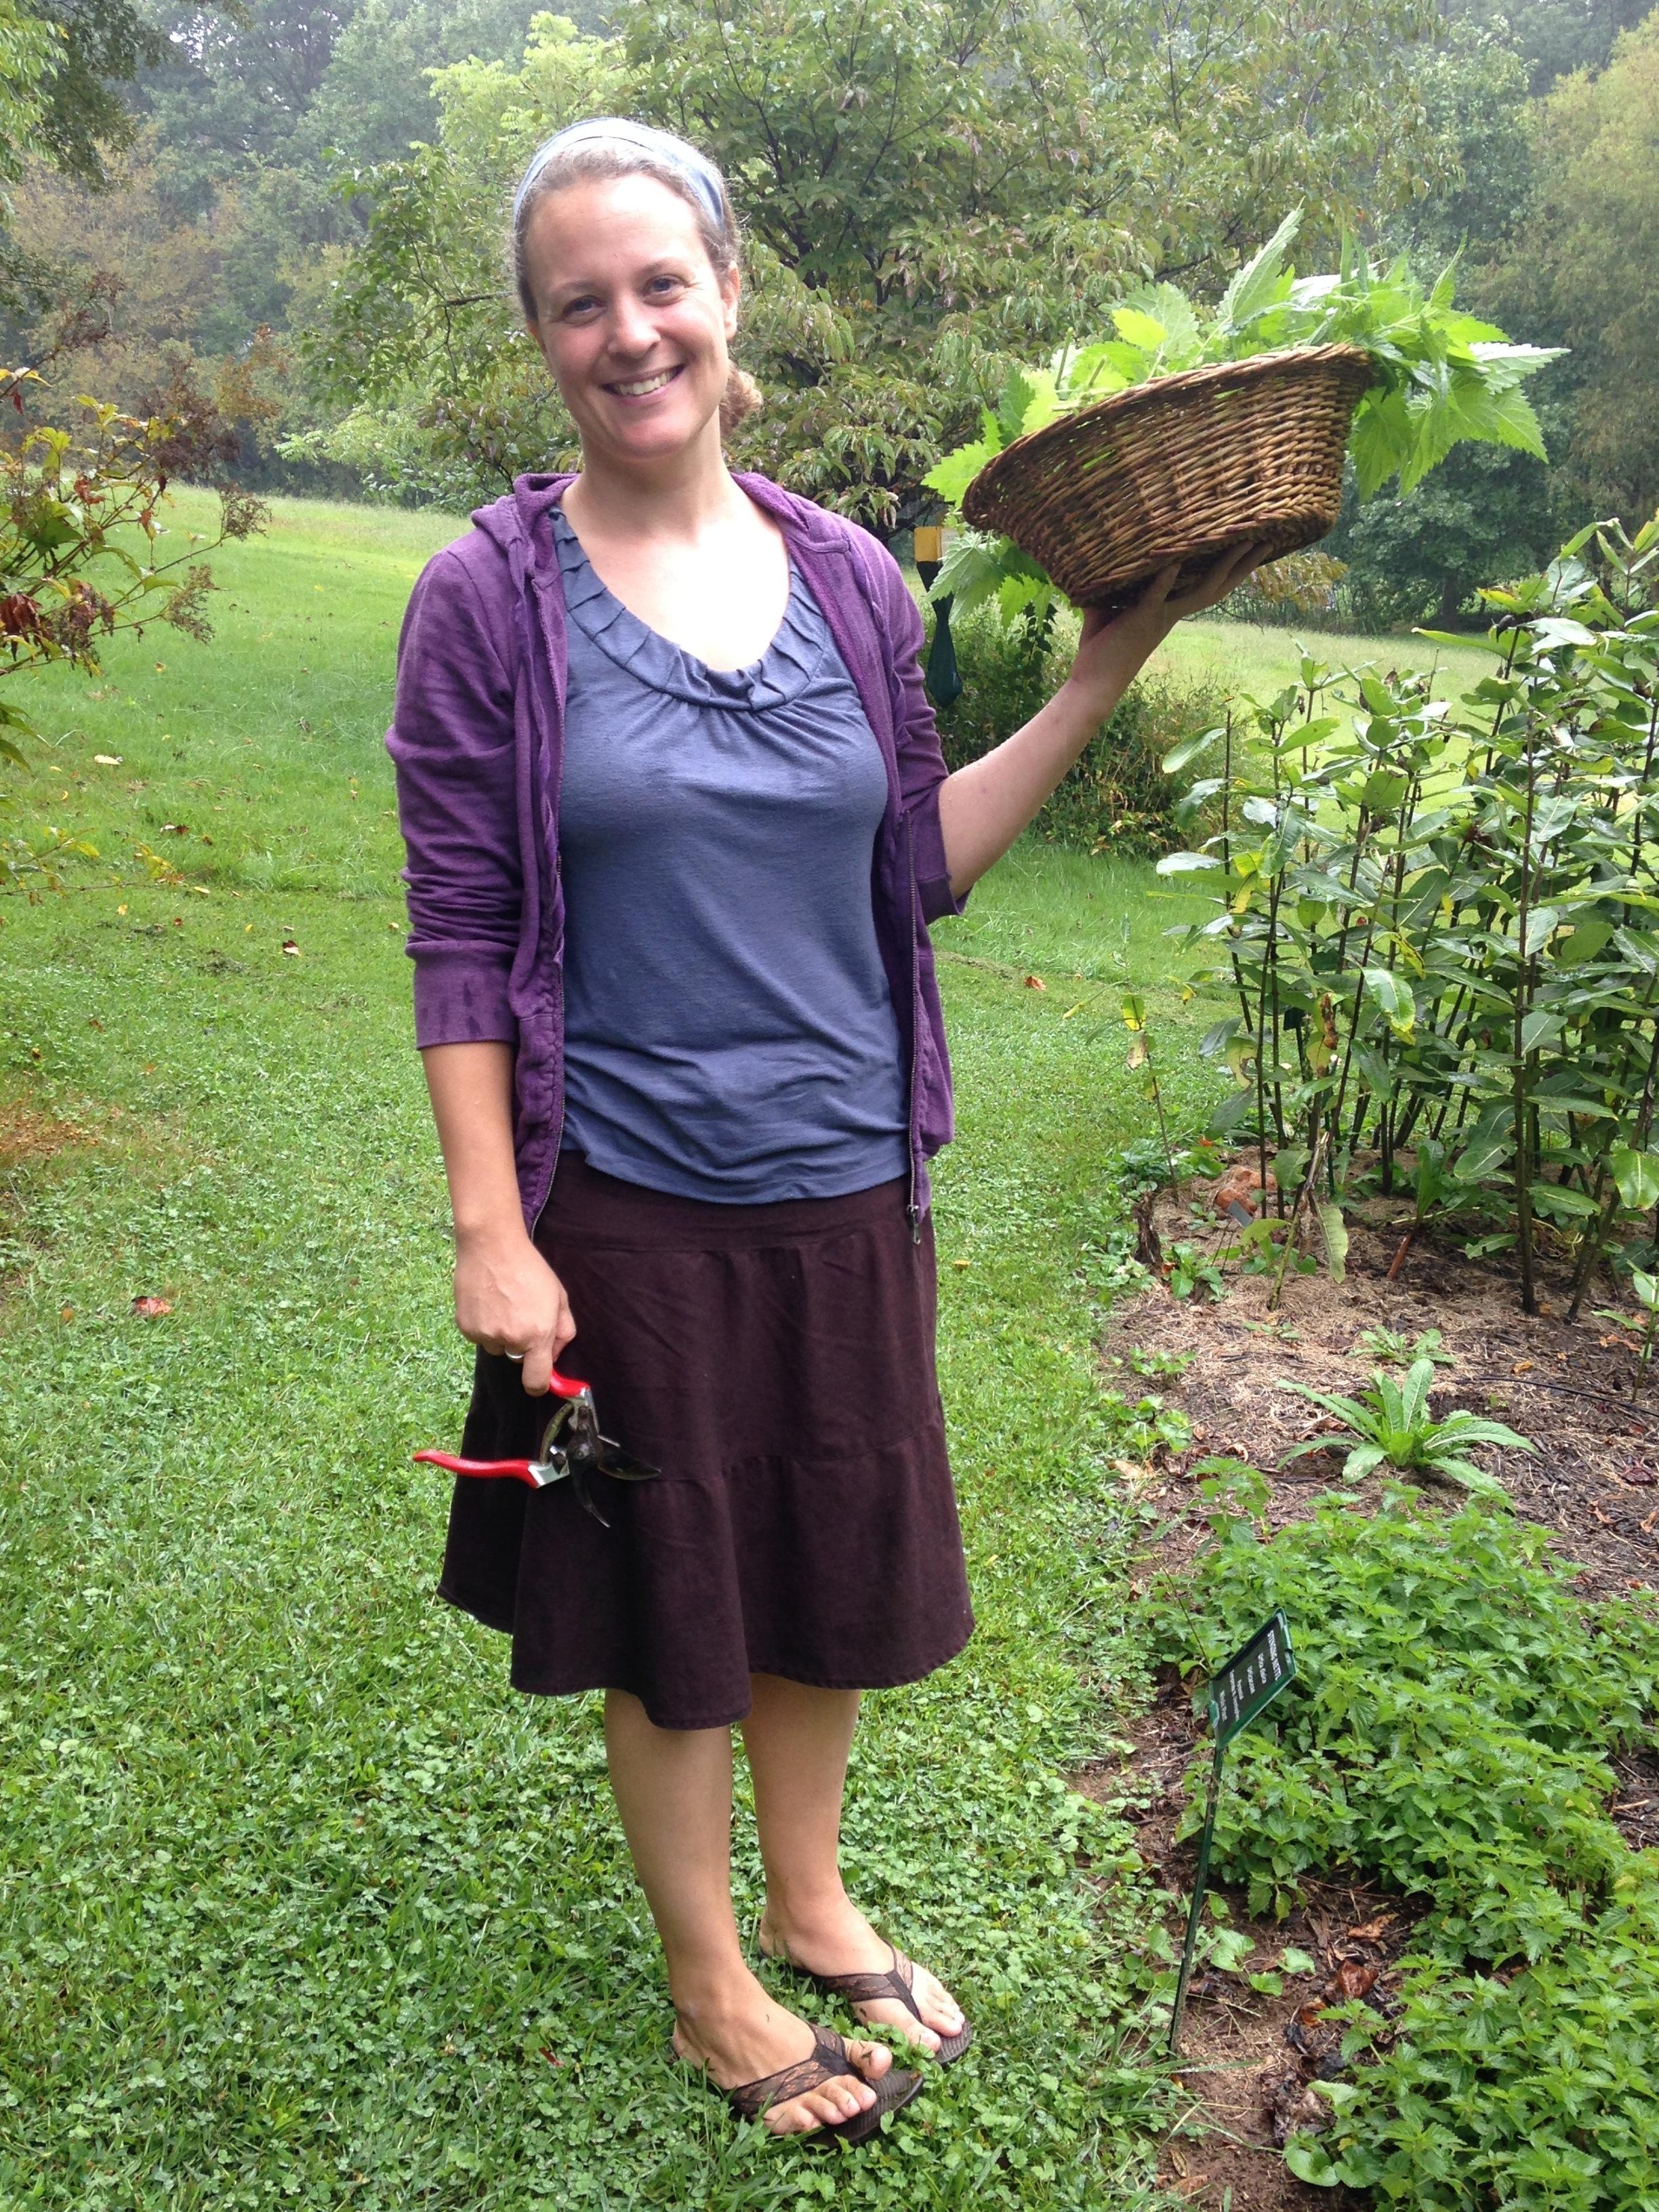 Camille harvesting nettles in the rain